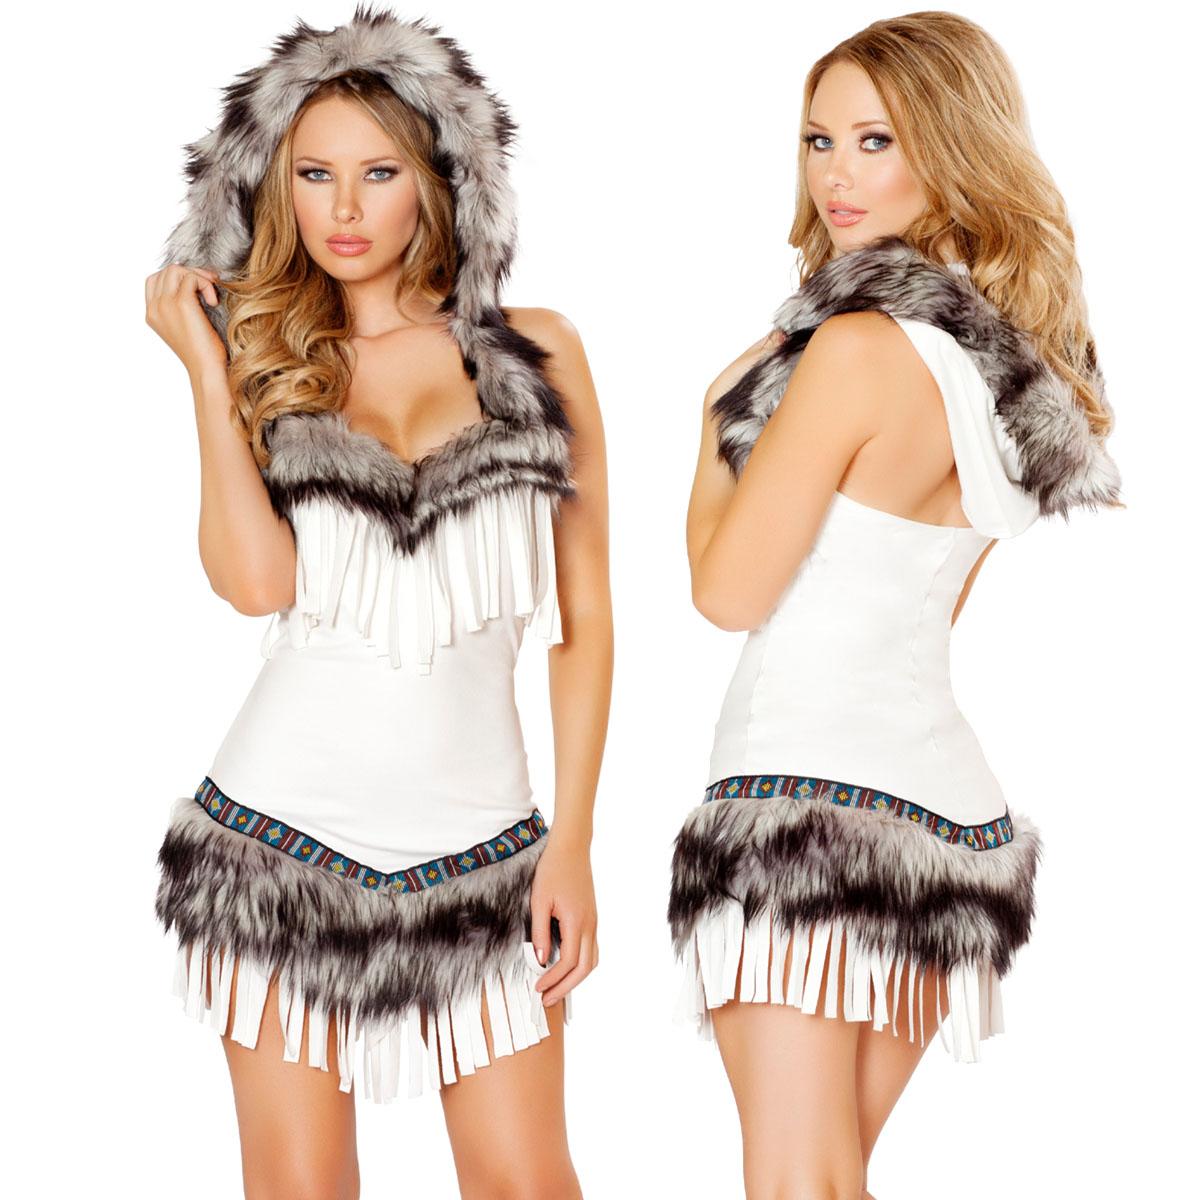 海外ブランド ハロウィン コスプレ衣装 仮装 レディースインディアンコスチュームドレス1pc/仮装パーティー・イベント